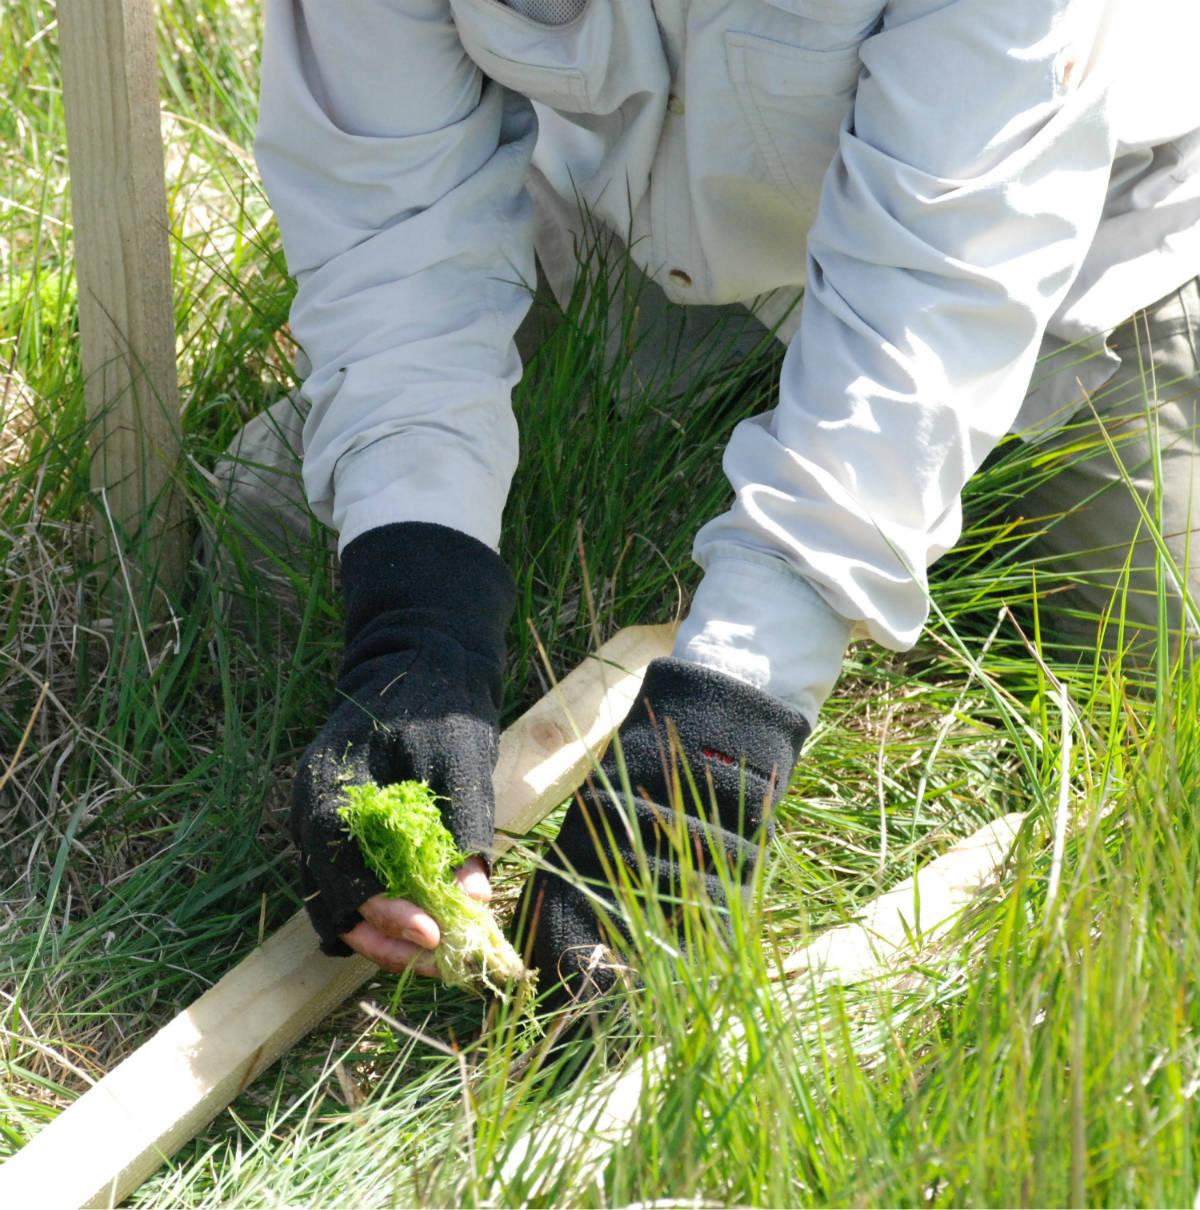 Sphagnum plug planting